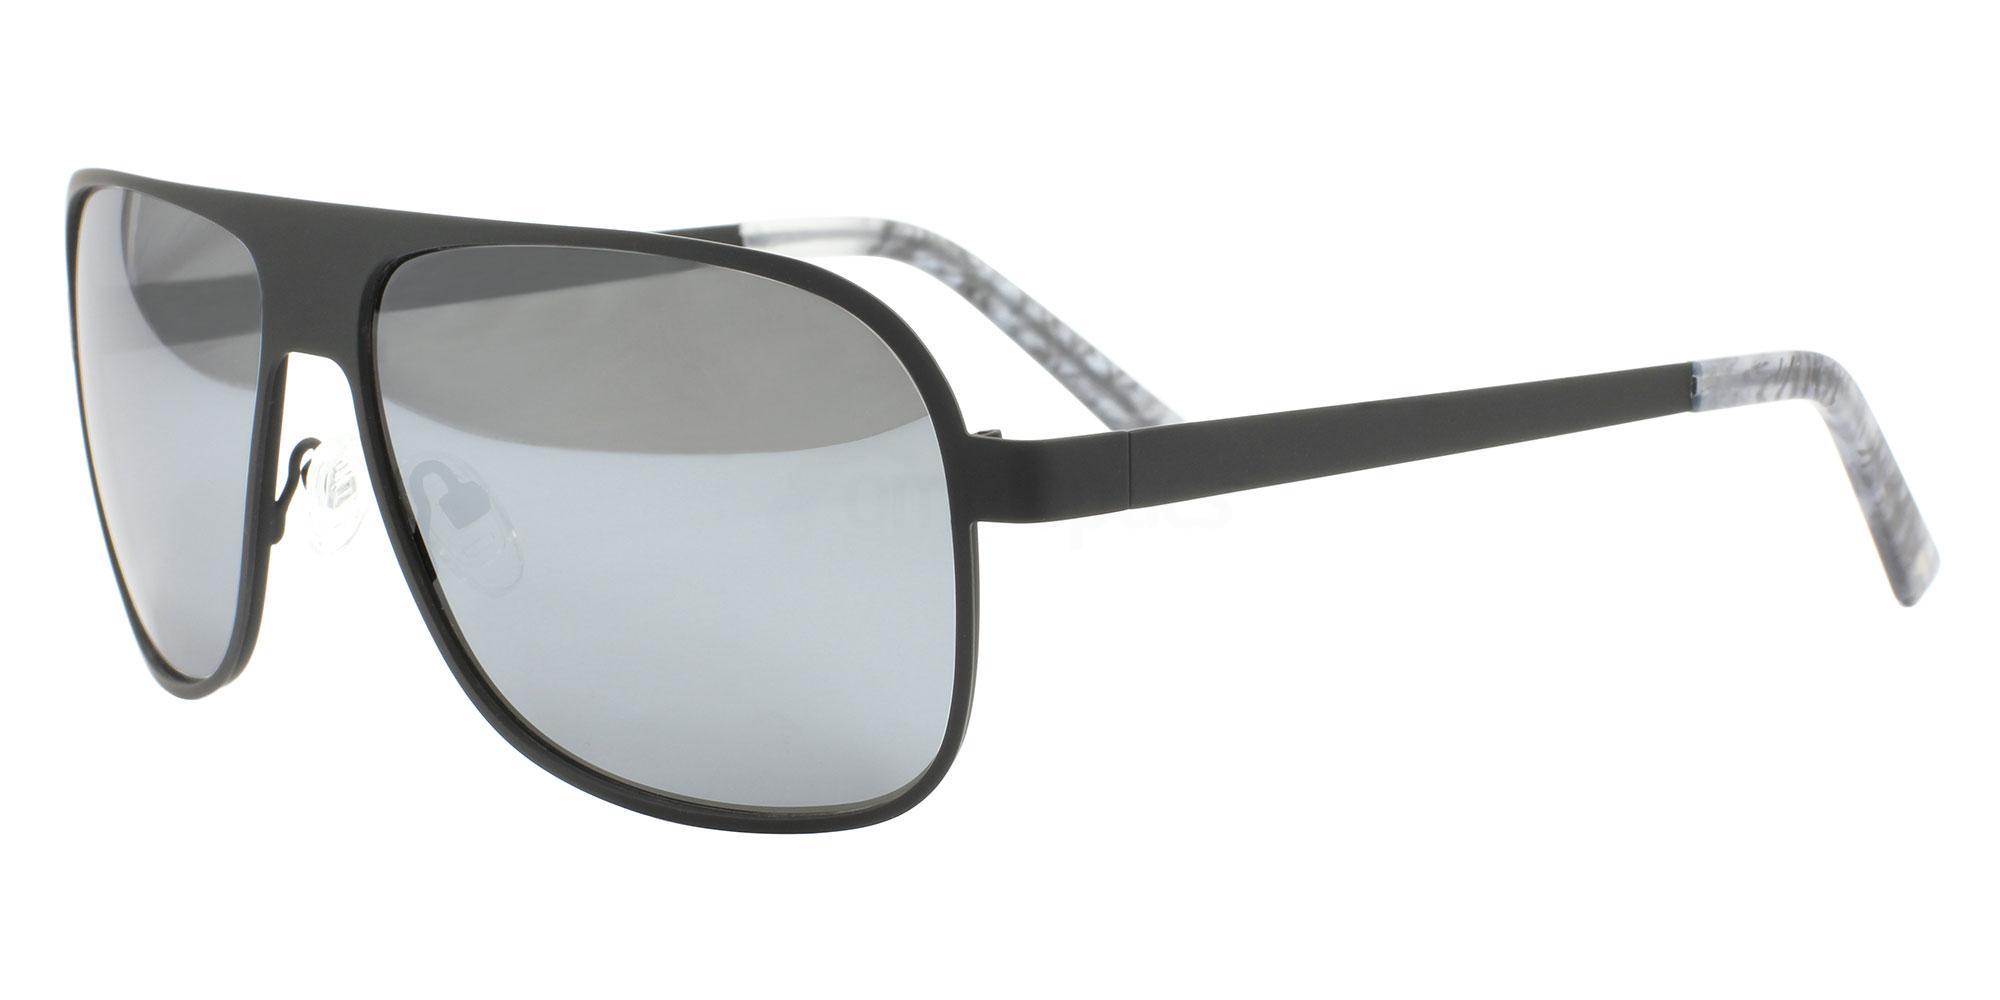 C2 Dunlop Sun 40 Sunglasses, Dunlop